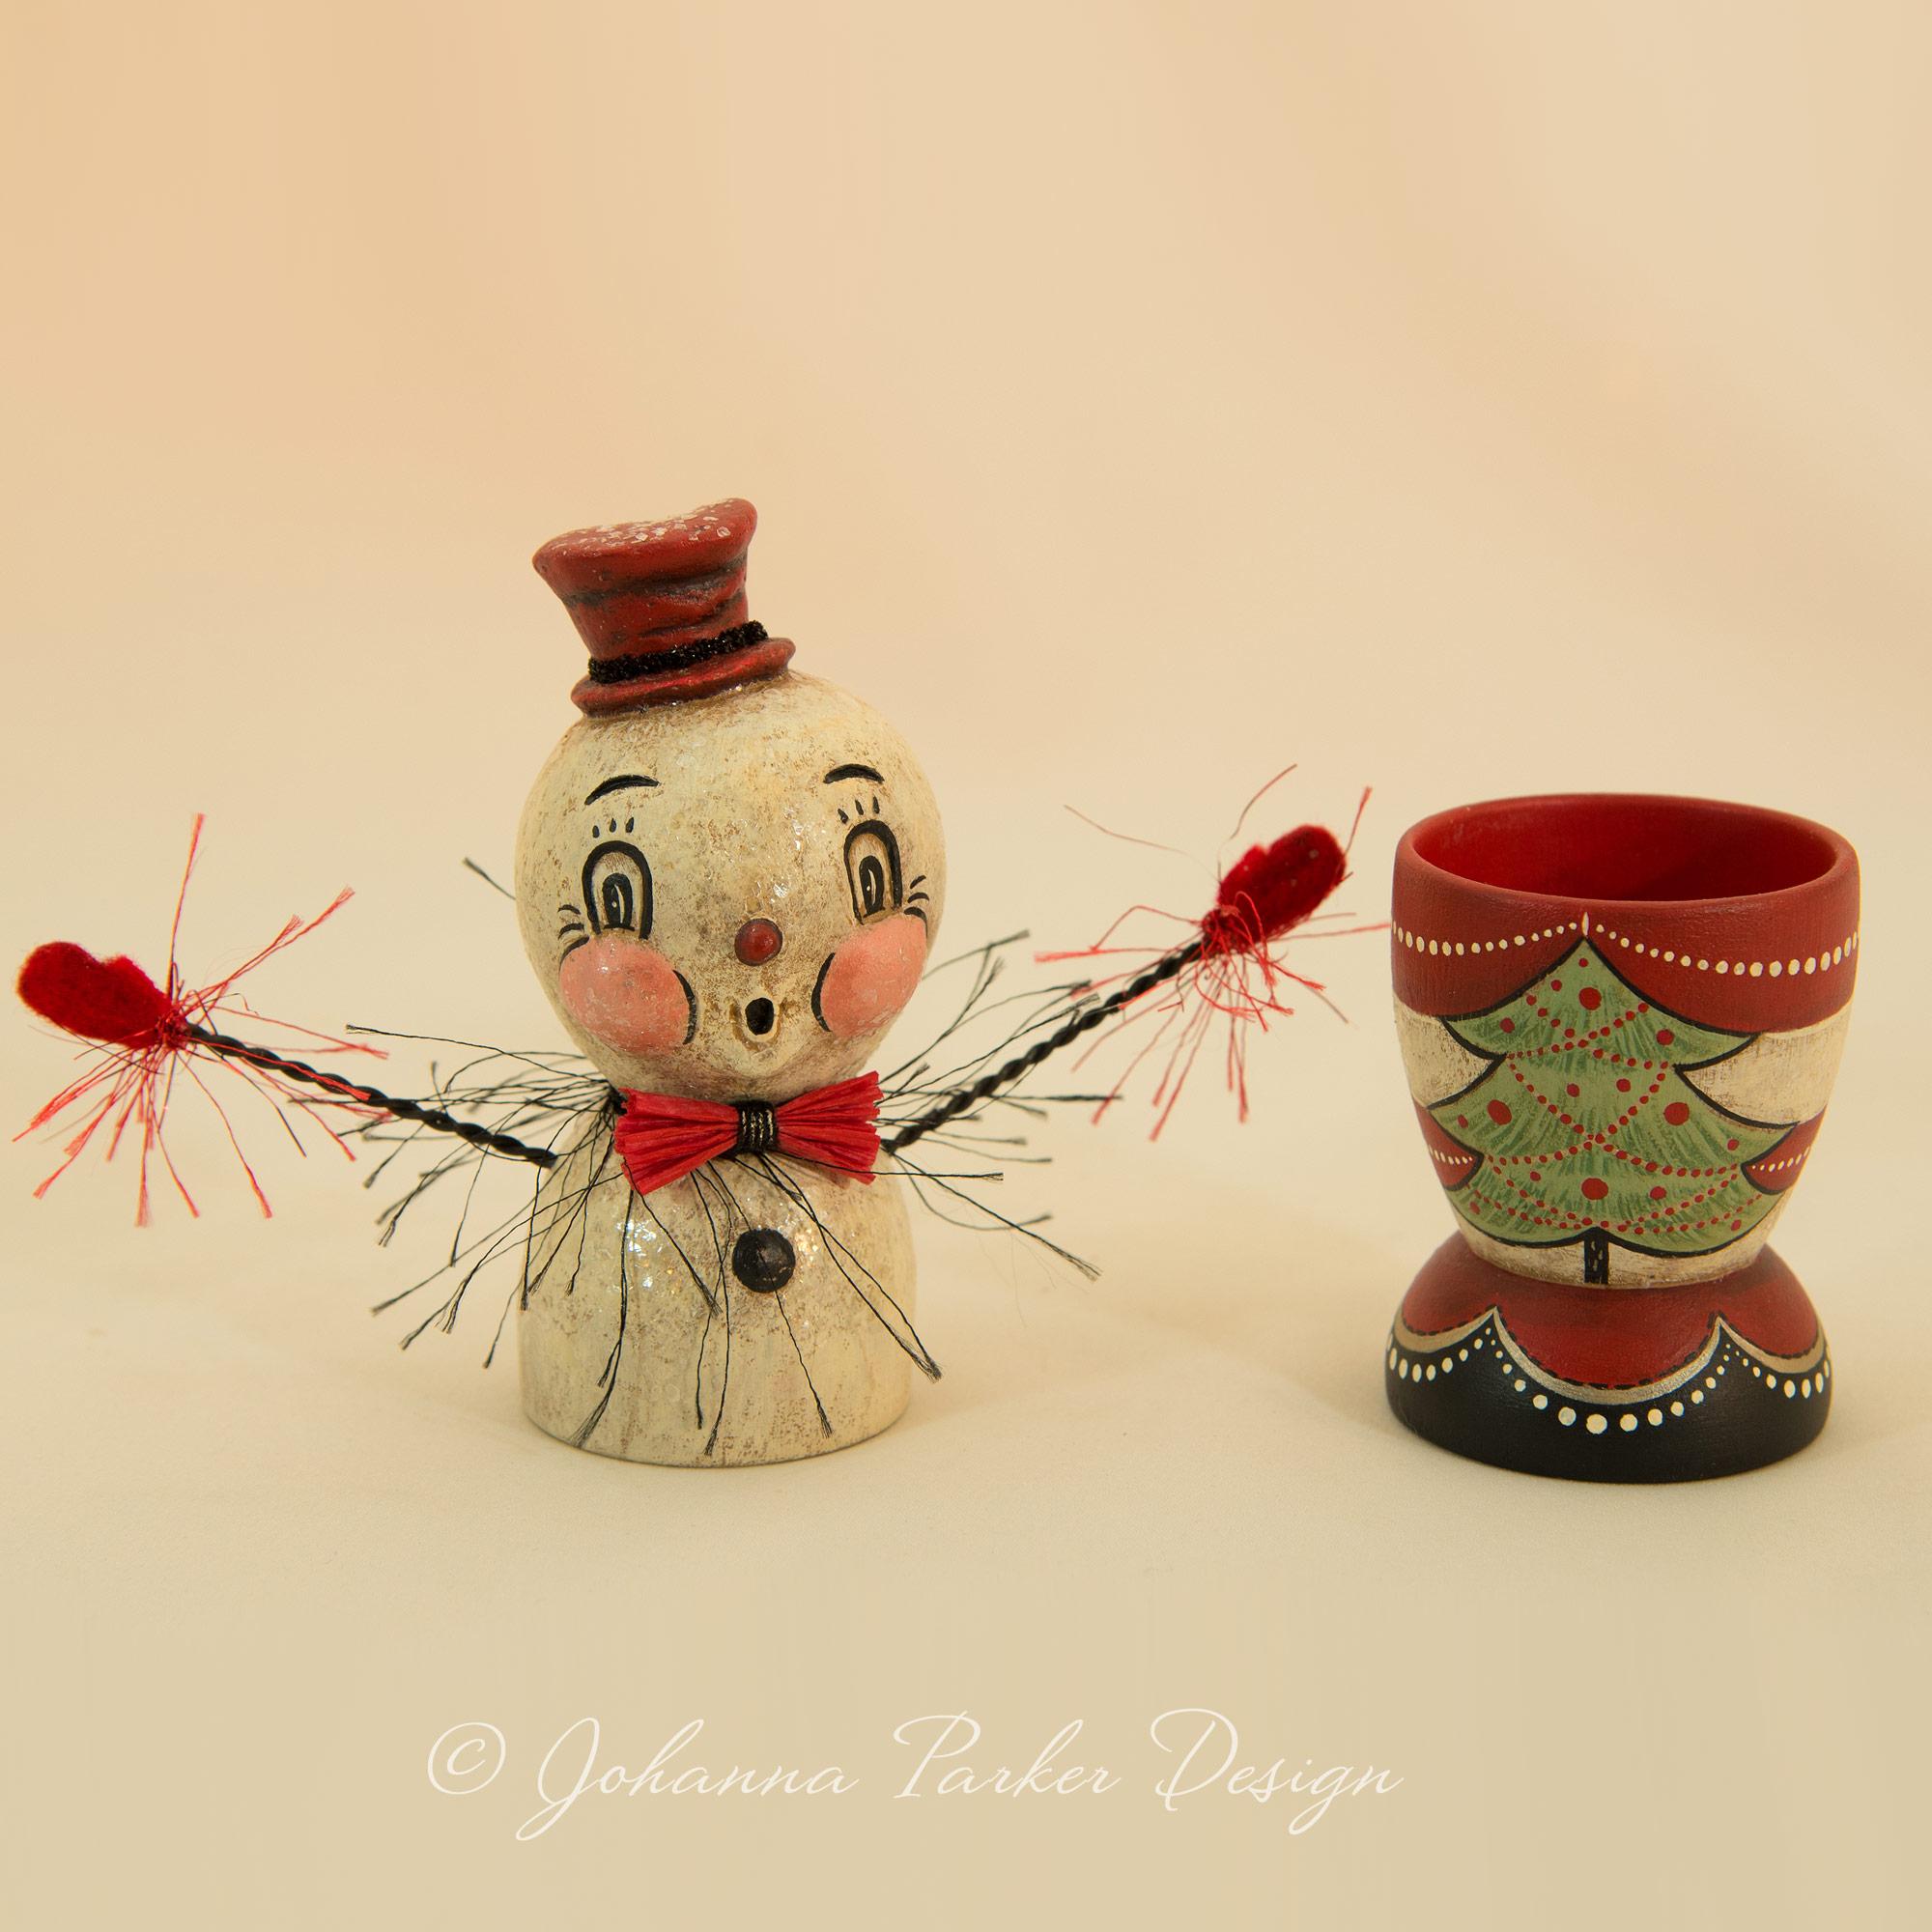 Johanna-Parker-Snowman-Egg-Cup-7.jpg